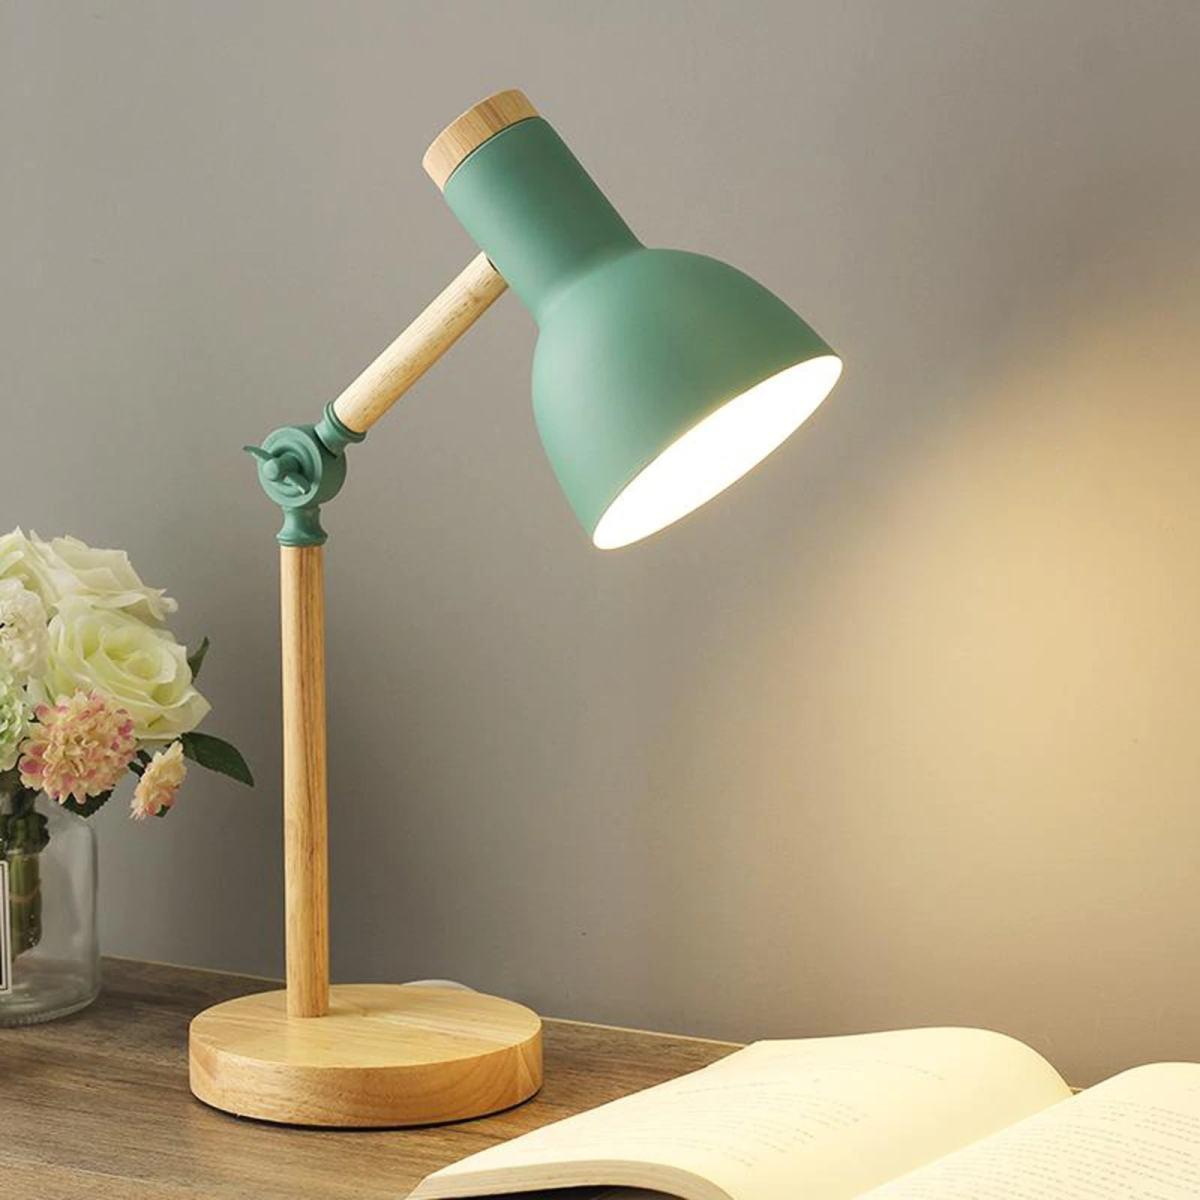 lampe de bureau scandinave ajustable vert